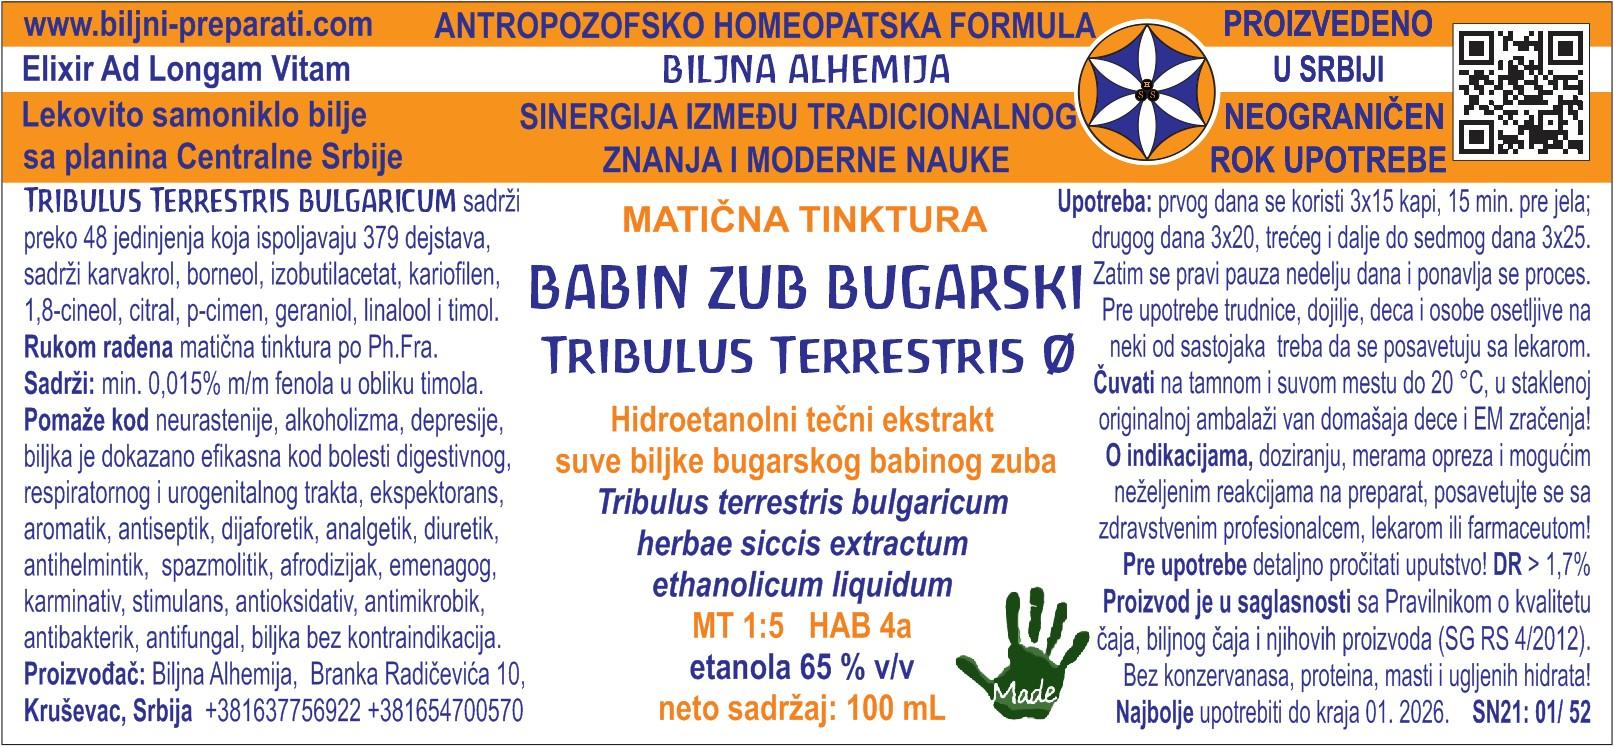 TRIBULUS TERRESTRIS BULGARICUM BABIN ZUB BUGARSKI